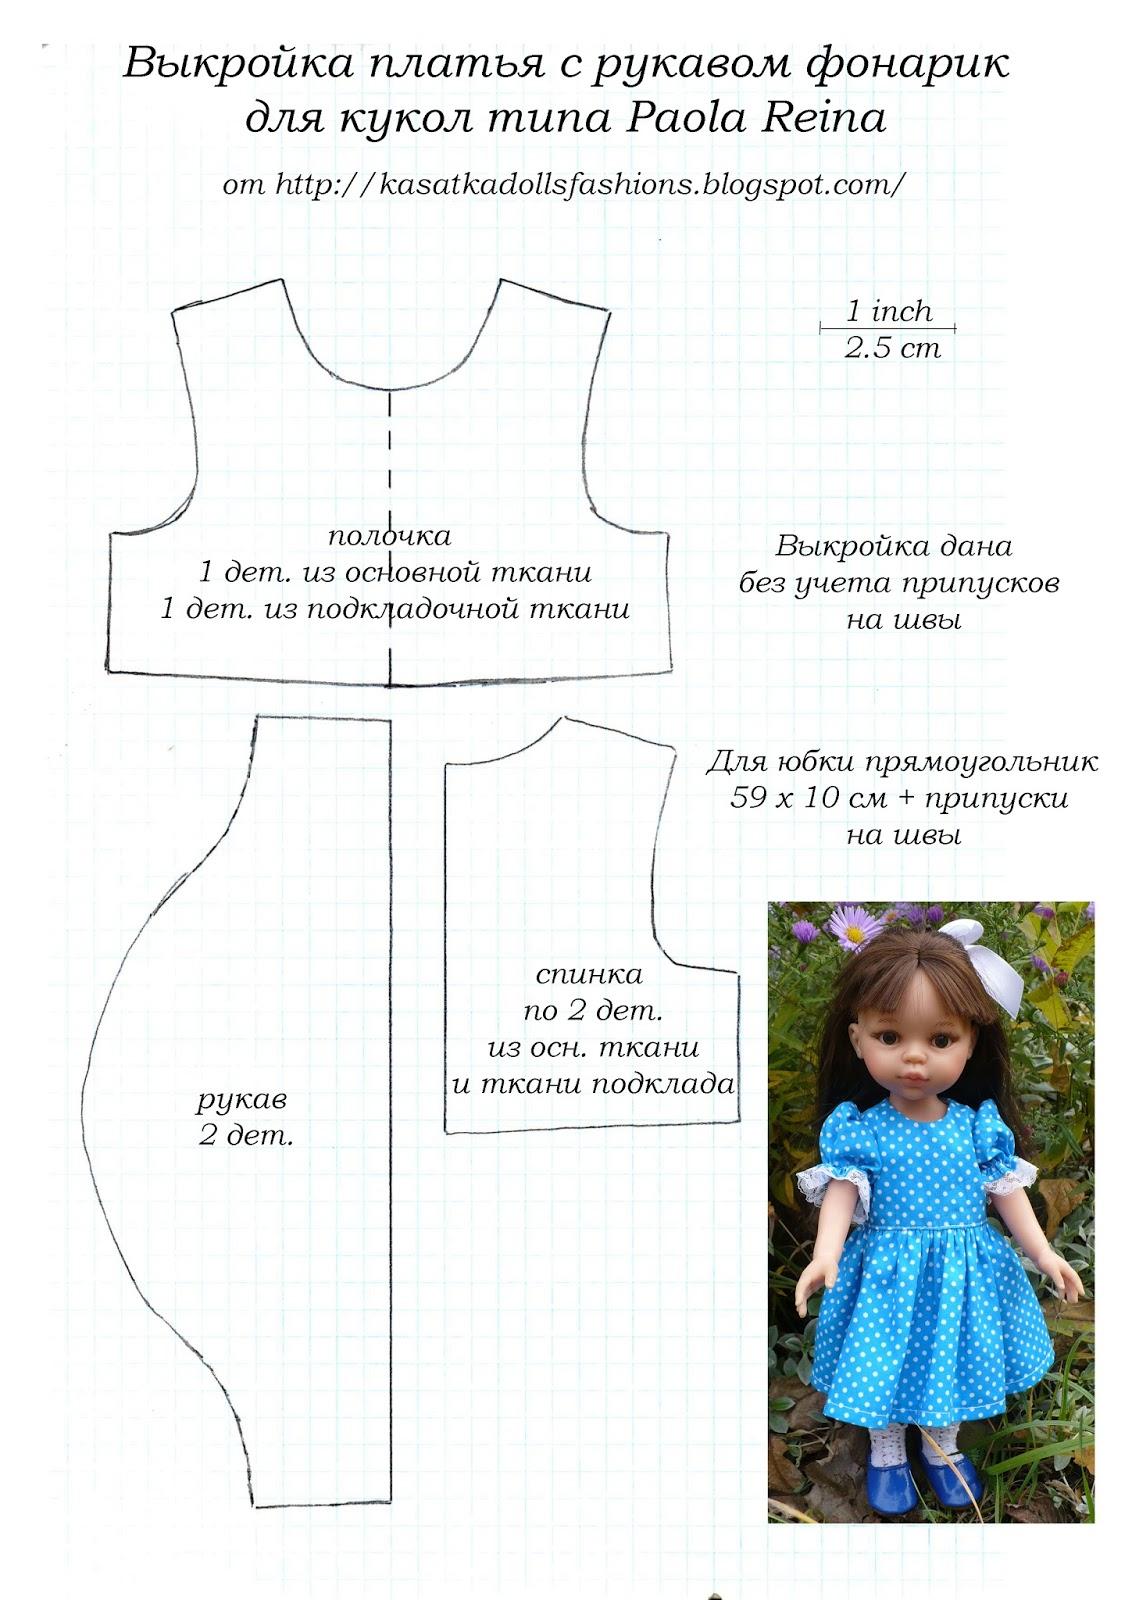 Выкройки платьев для куклы простые выкройки своими